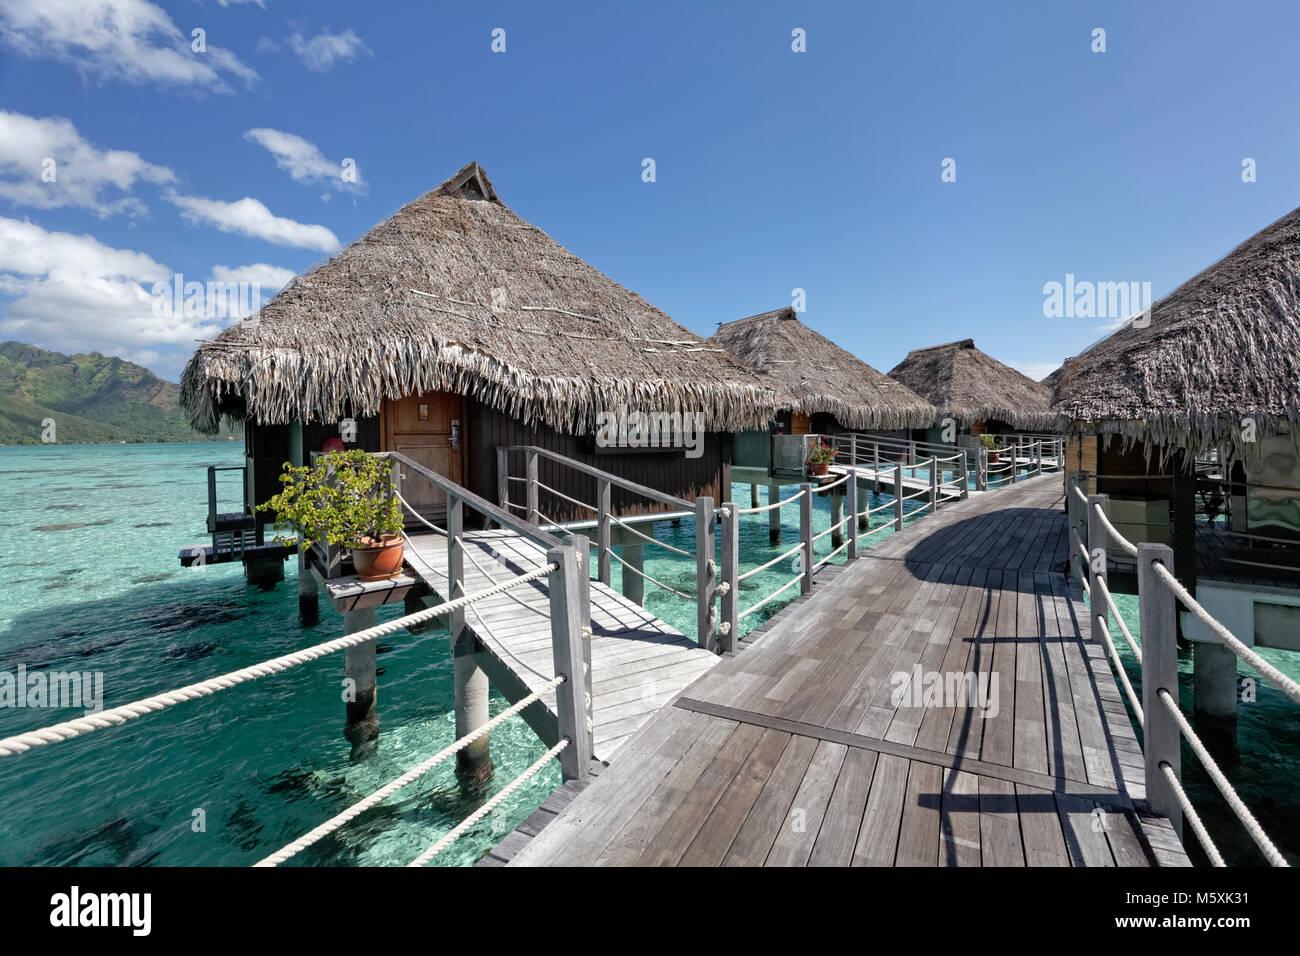 Water Bungalows, paseo, Hotel Hilton, Moorea, Océano Pacífico, Islas Sociedad, Polinesia Francesa Imagen De Stock